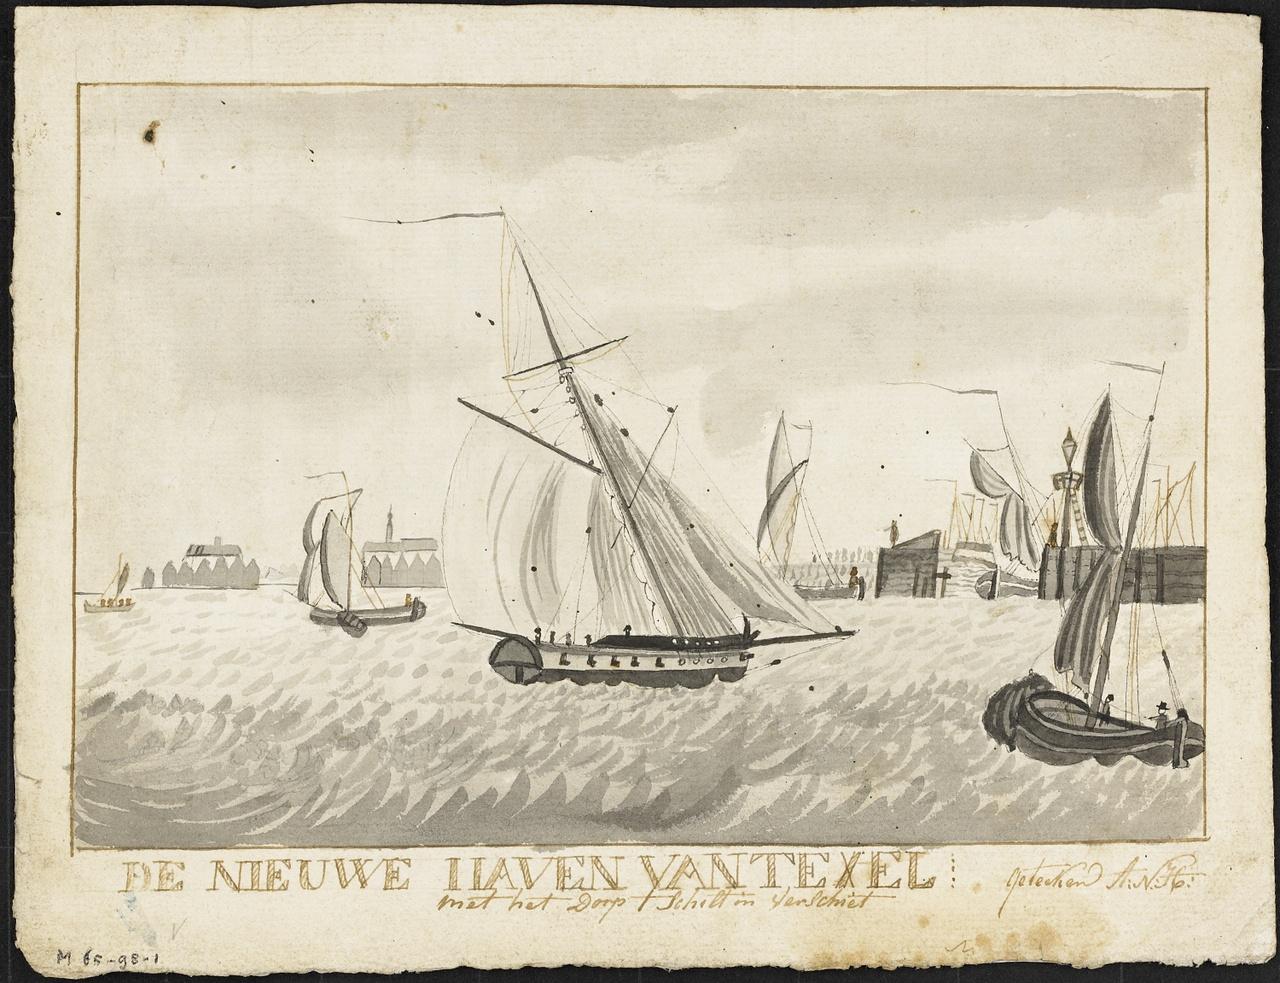 Nieuwe Haven van Texel met het dorp 't Schilt in Verschiet, A.N. Hoek